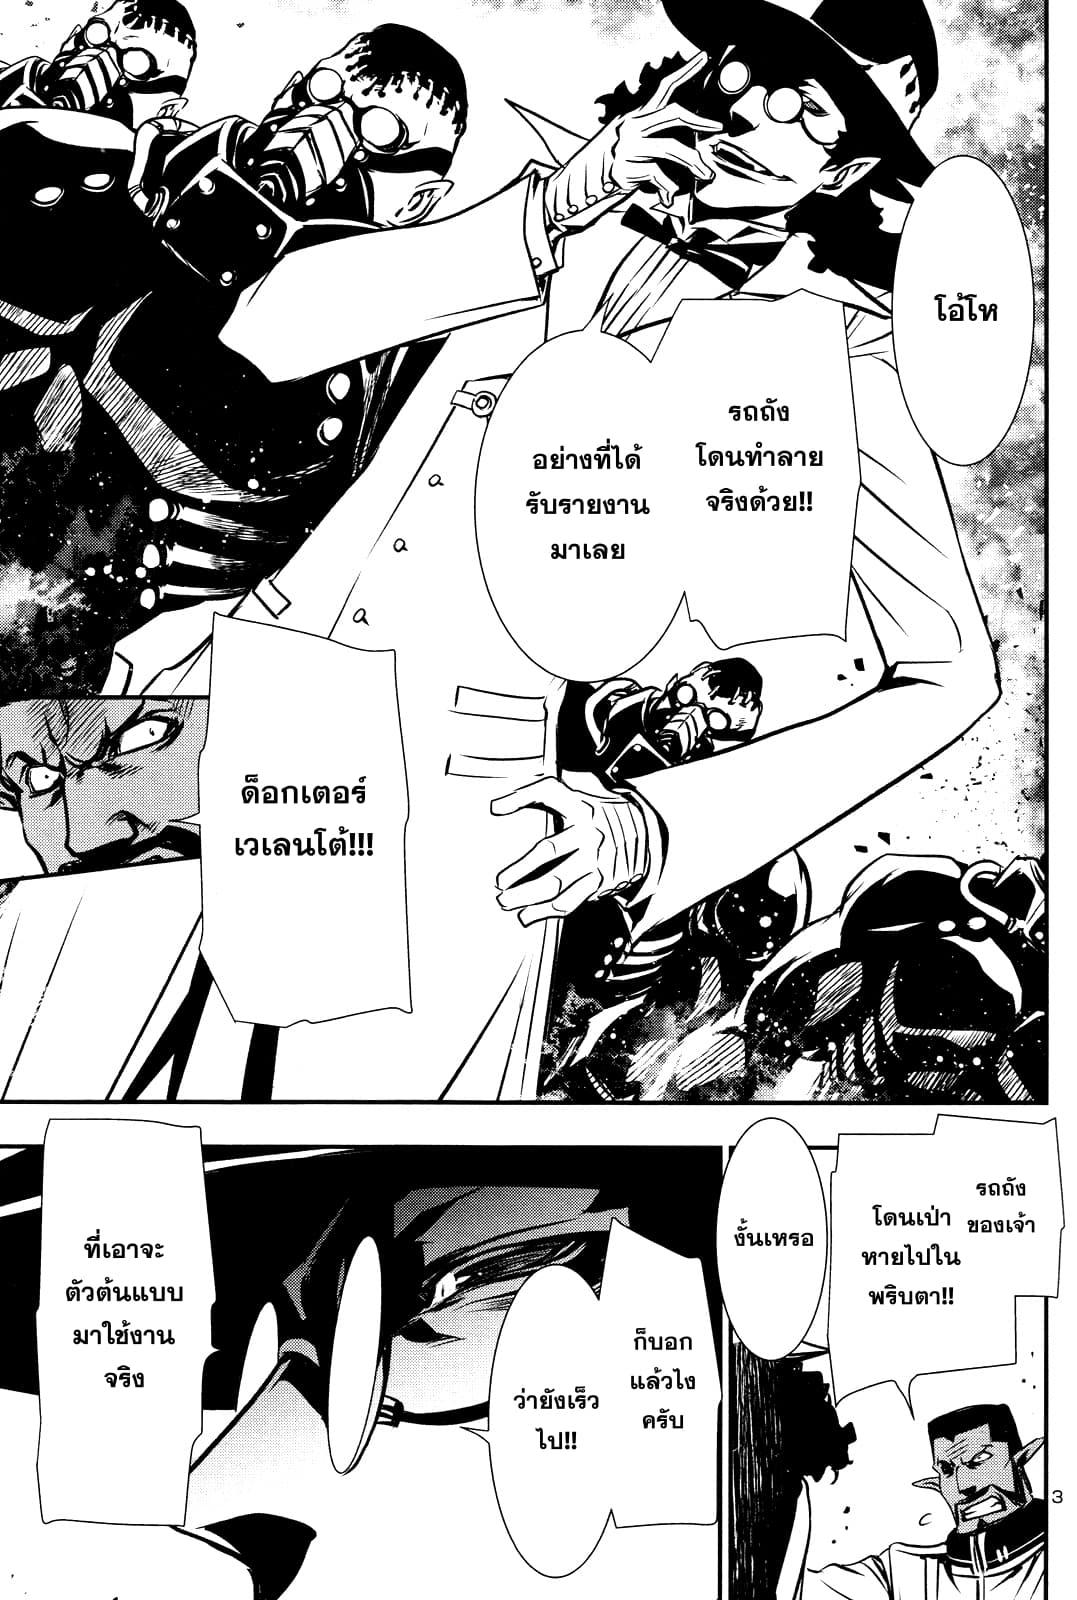 อ่านการ์ตูน Shinju no Nectar ตอนที่ 12 หน้าที่ 3